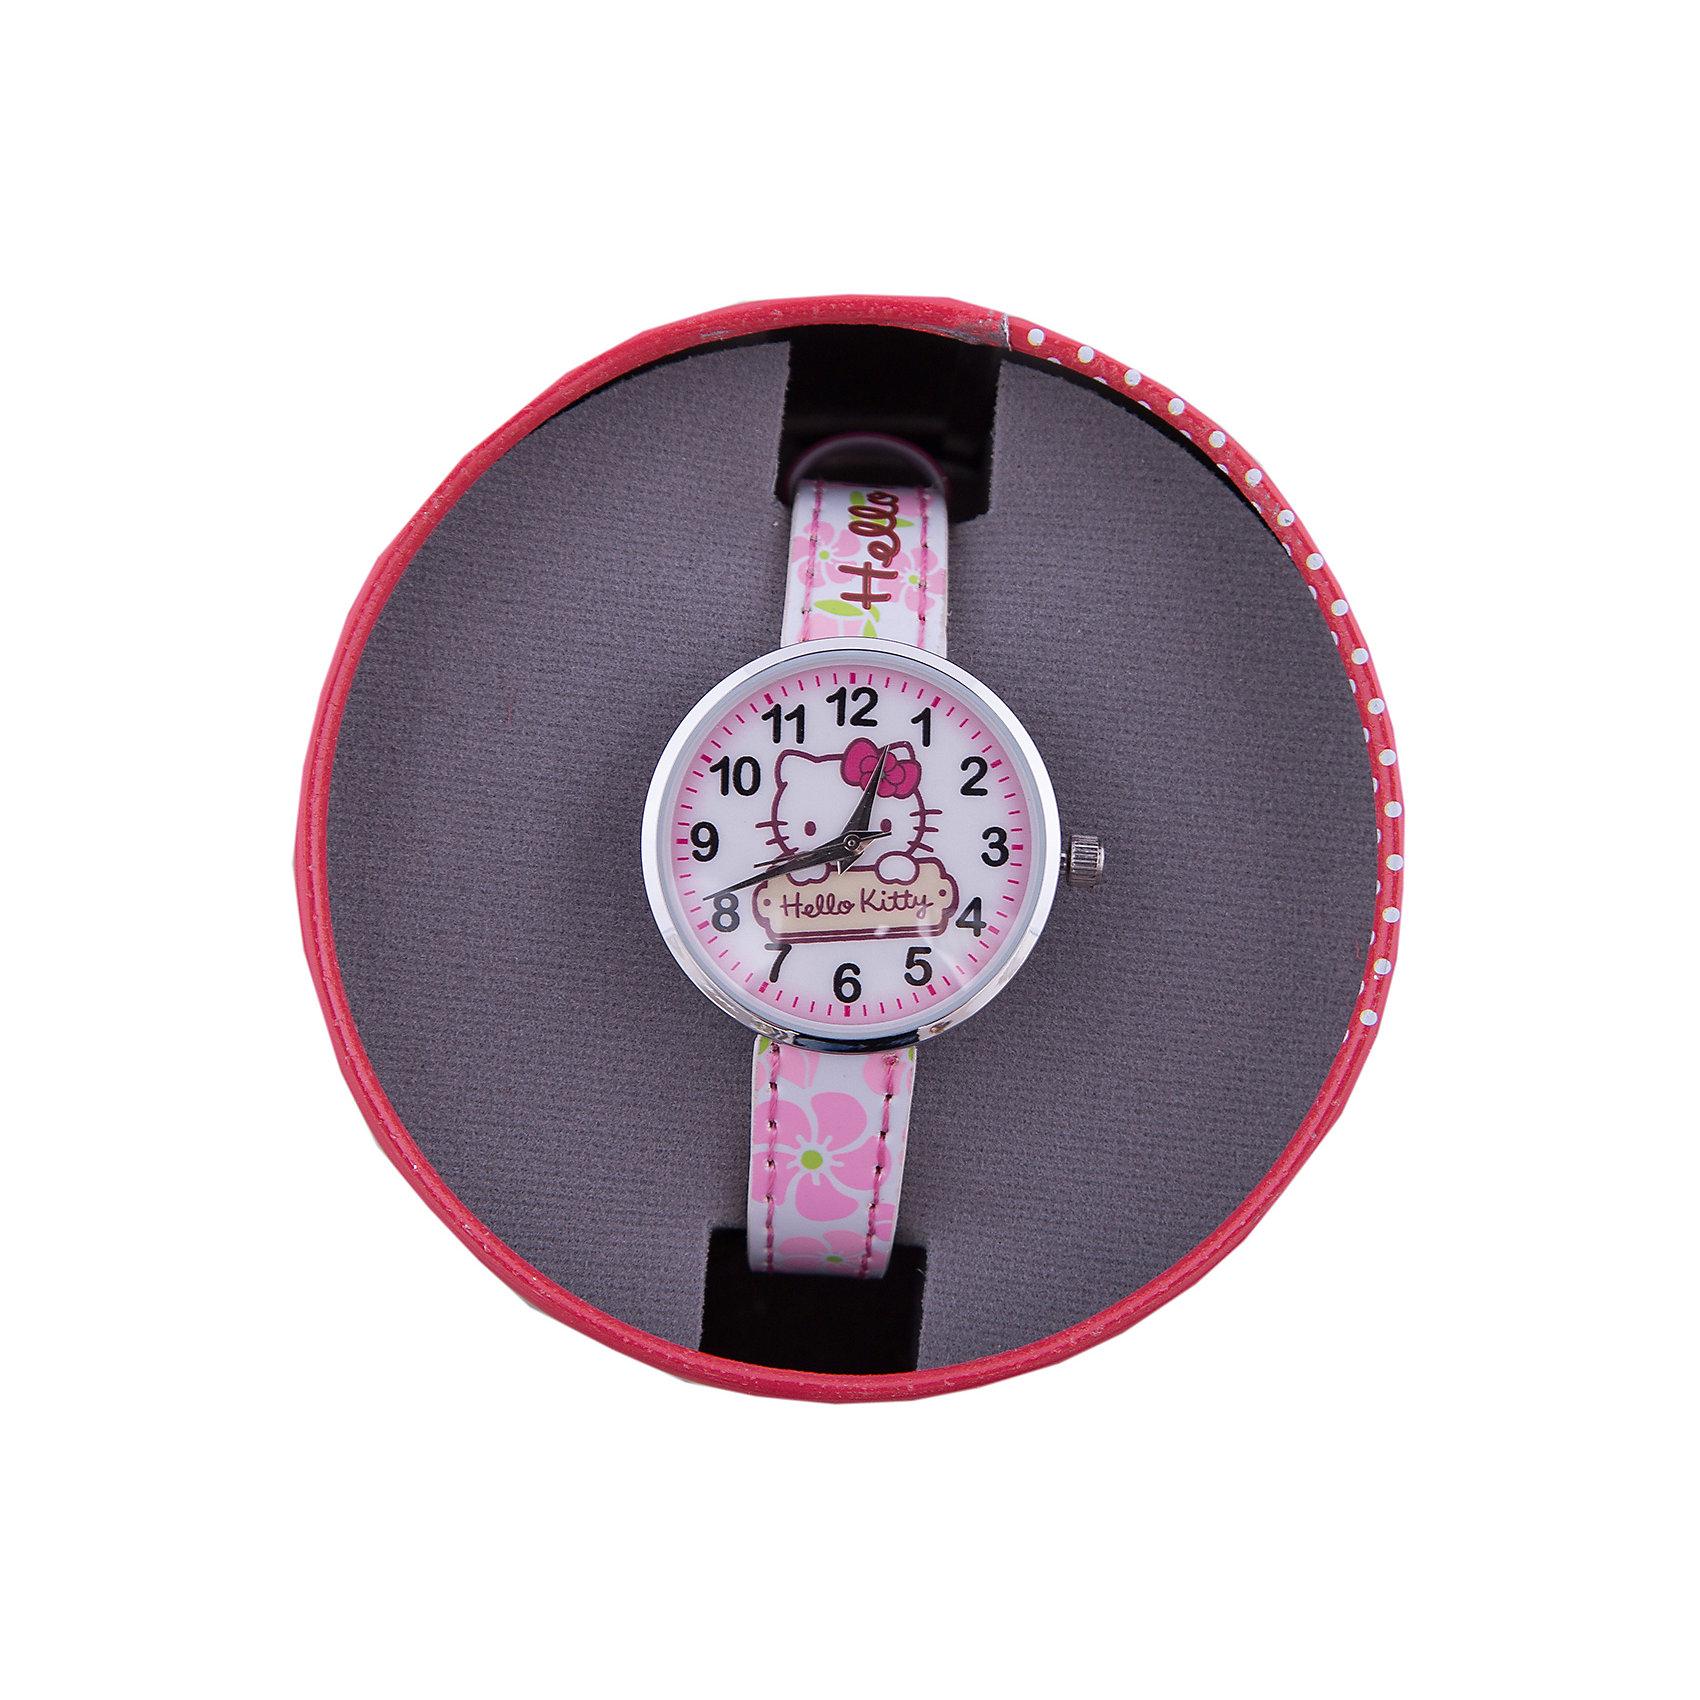 Часы наручные аналоговые, Hello KittyHello Kitty<br>Эксклюзивные наручные аналоговые часы торговой марки Hello Kitty выполнены по индивидуальному дизайну ООО «Детское Время» и лицензии компании Sanrio. Обилие деталей - декоративных элементов (страз, мерцающих ремешков), надписей,  уникальных изображений - делают изделие тщательно продуманным творением мастеров. Часы имеют высококачественный японский кварцевый механизм и отличаются надежностью и точностью хода. Часы водоустойчивы и обладают достаточной герметичностью, чтобы спокойно перенести случайный и незначительный контакт с жидкостями (дождь, брызги), но они не предназначены для плавания или погружения в воду. Циферблат защищен от повреждений прочным минеральным стеклом. Корпус часов выполнен из стали,  задняя крышка из нержавеющей стали. Материал браслета: искусственная кожа. Единица товара упаковывается в стильную подарочную коробочку. Неповторимый стиль с изобилием насыщенных и в тоже время нежных гамм; надежность и прочность изделия позволяют говорить о нем только в превосходной степени!<br><br>Ширина мм: 55<br>Глубина мм: 10<br>Высота мм: 240<br>Вес г: 21<br>Возраст от месяцев: 36<br>Возраст до месяцев: 72<br>Пол: Женский<br>Возраст: Детский<br>SKU: 5529327